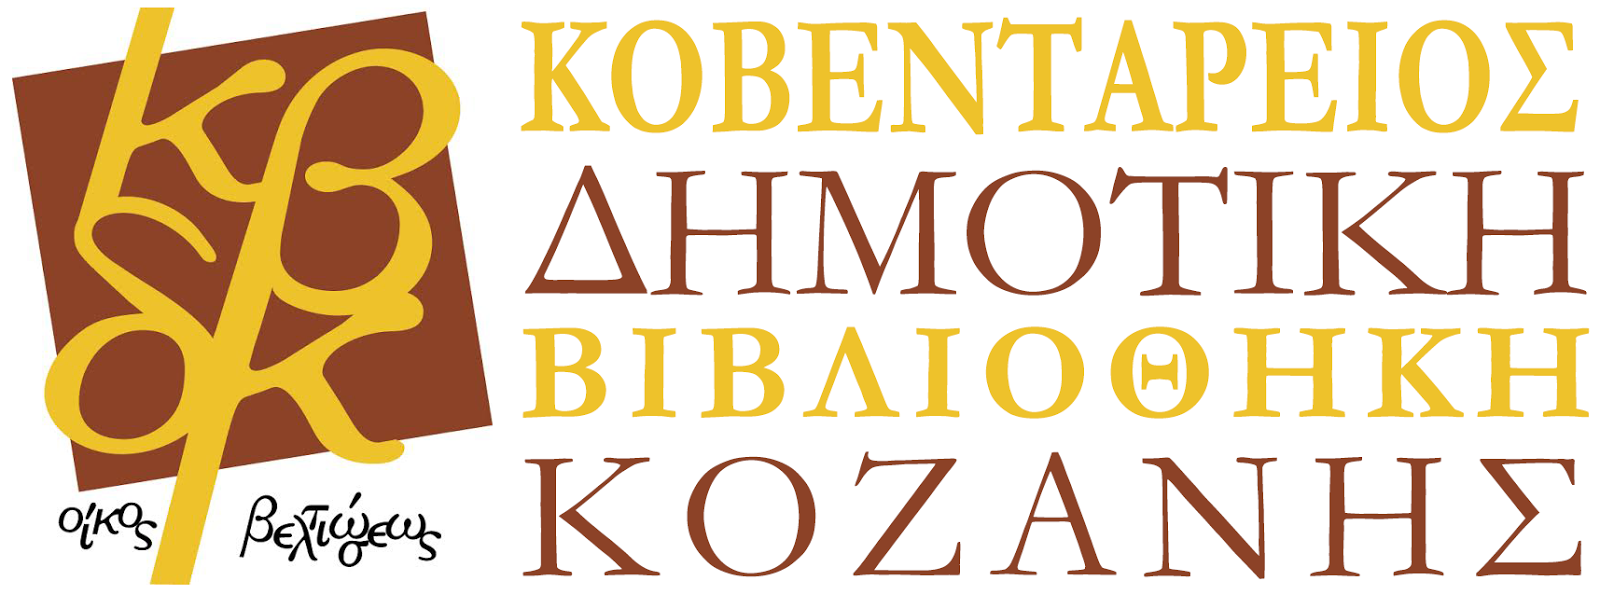 Κοβεντάρειος Δημοτική Βιβλιοθήκη Κοζάνης